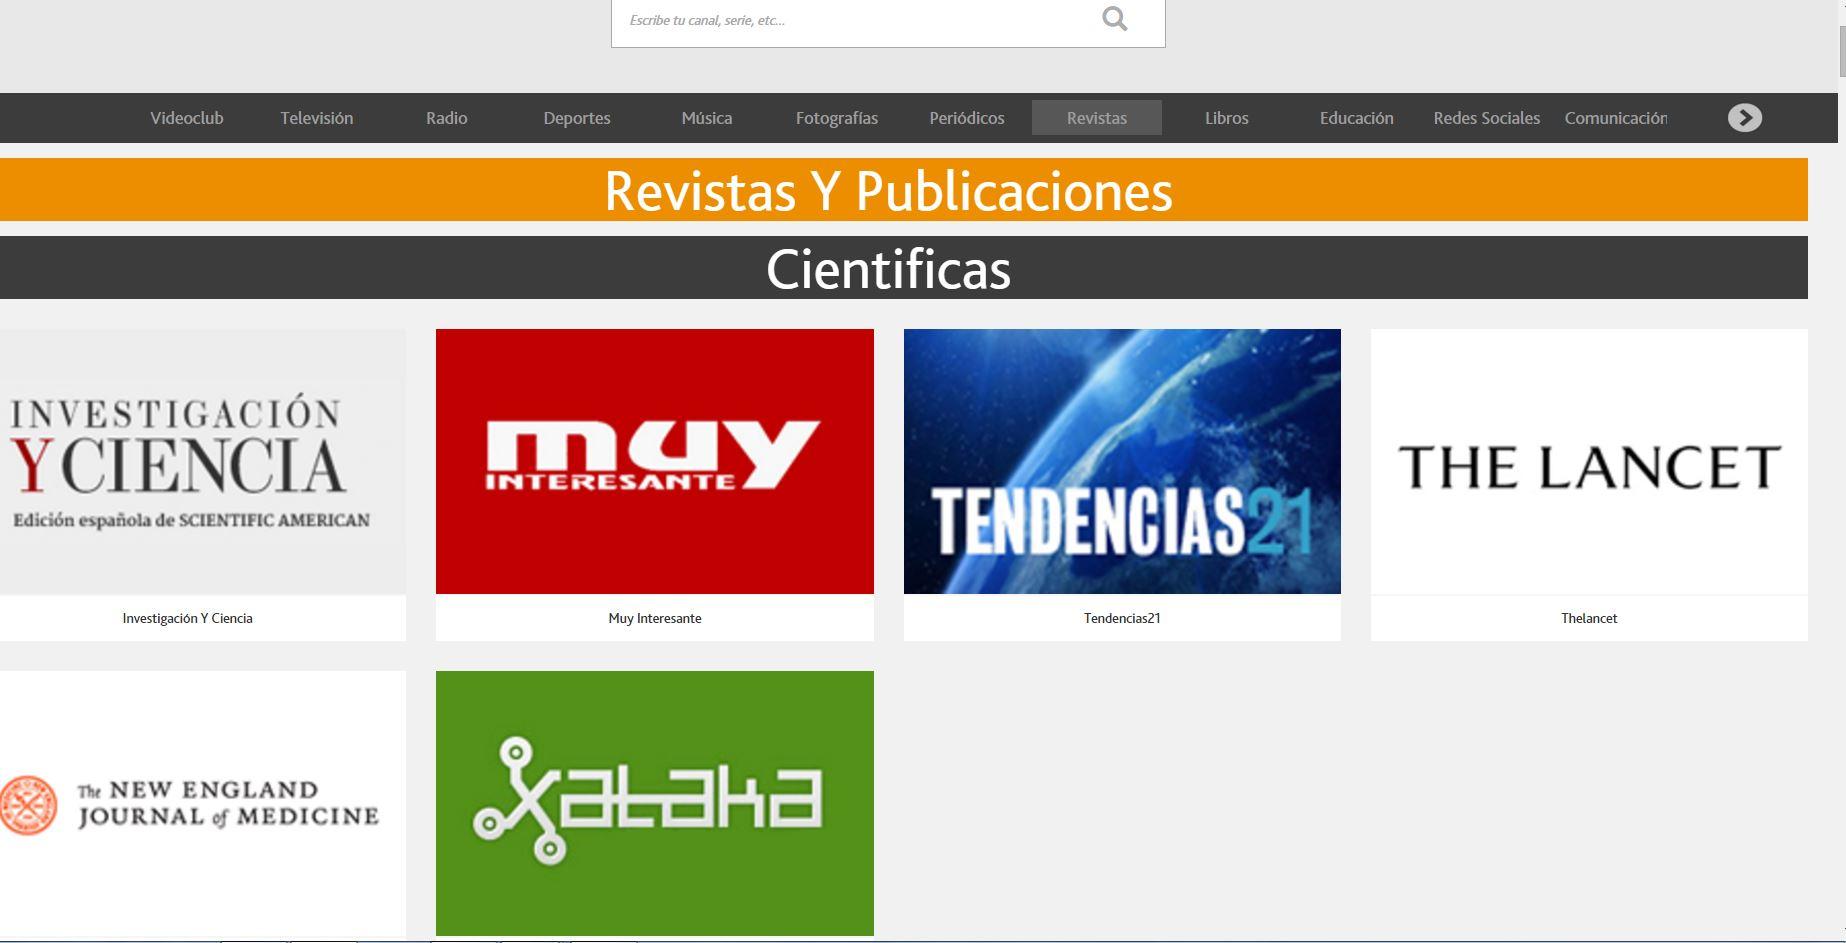 Canal de revistas científicas en Nimbo Televisión, donde figura Tendencias21. Foto: T21